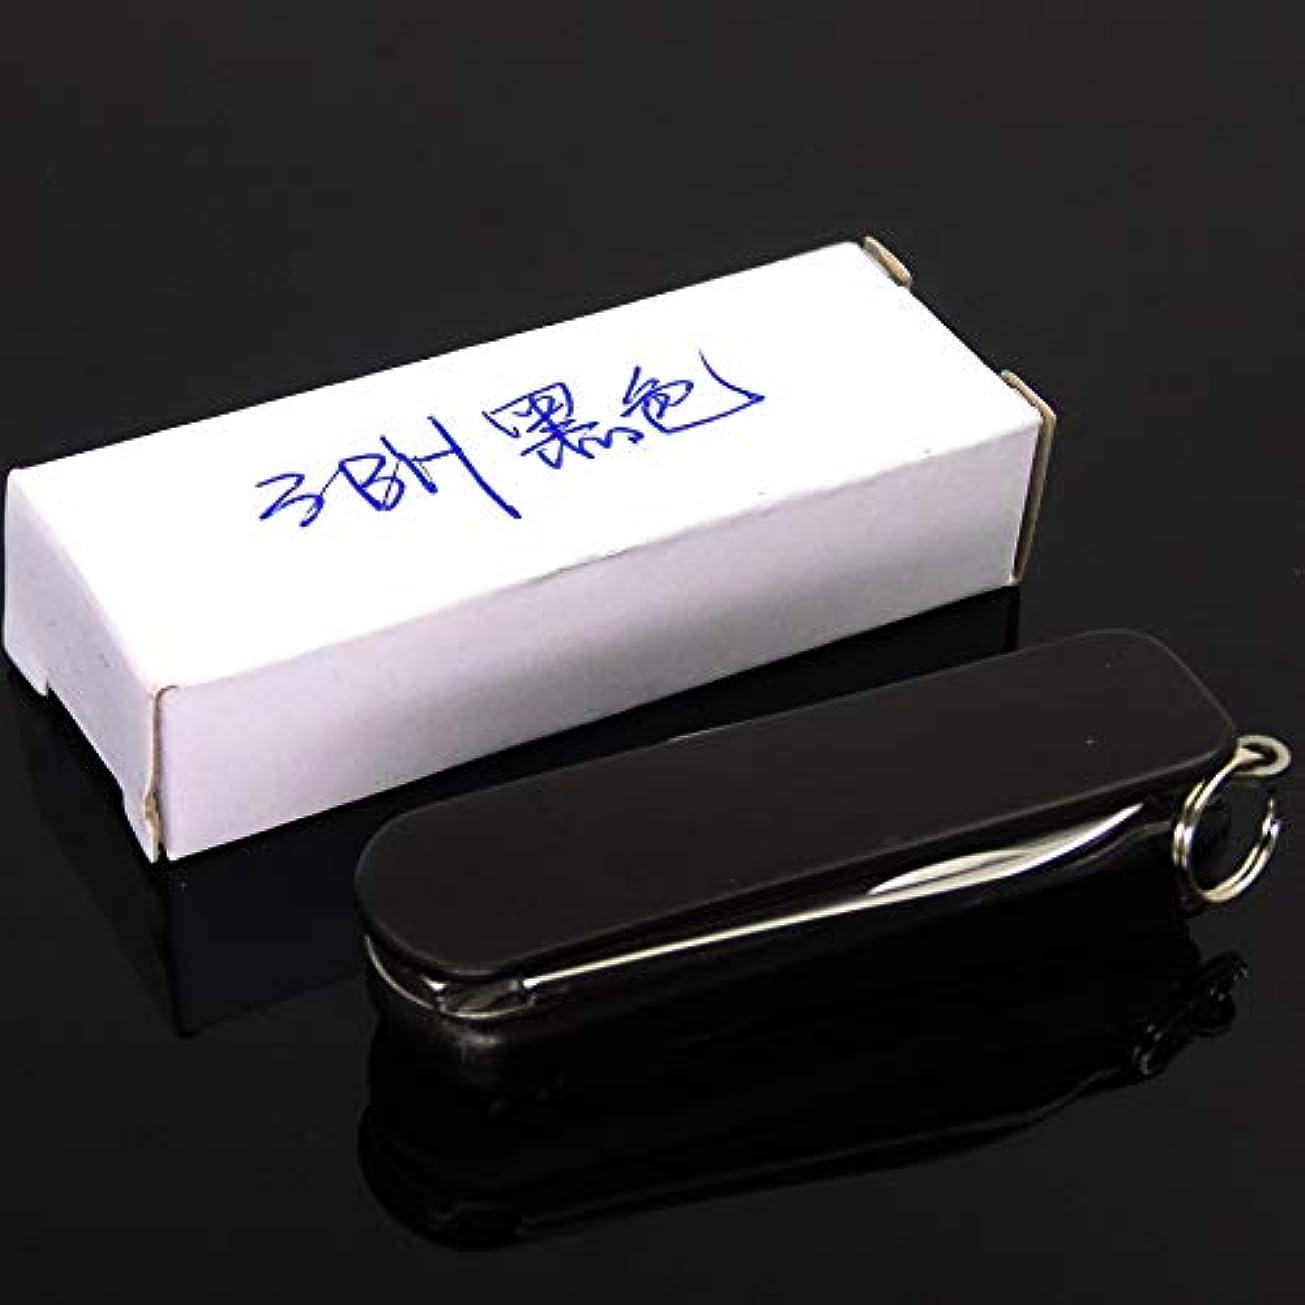 明確な意味呼び出す爪切り多機能ギフト爪切り爪 3BHブラック